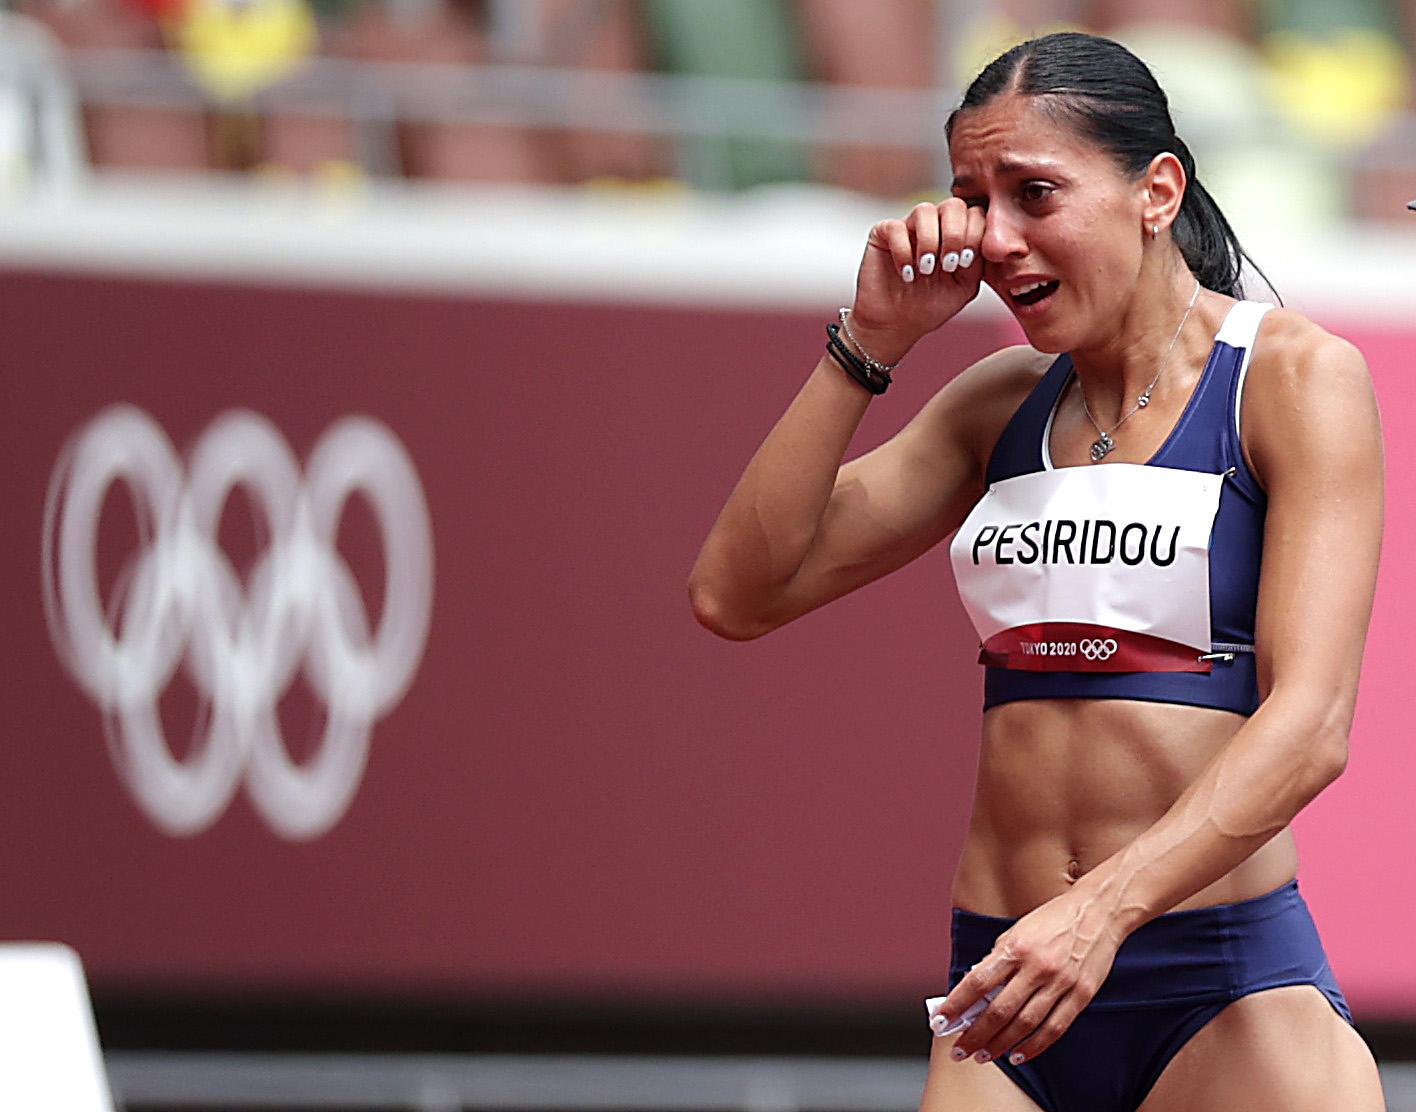 Ολυμπιακοί Αγώνες: Η απογοήτευση της Ελισάβετ Πεσιρίδου για τον τραυματισμό, «δεν μπορώ να το πιστέψω»